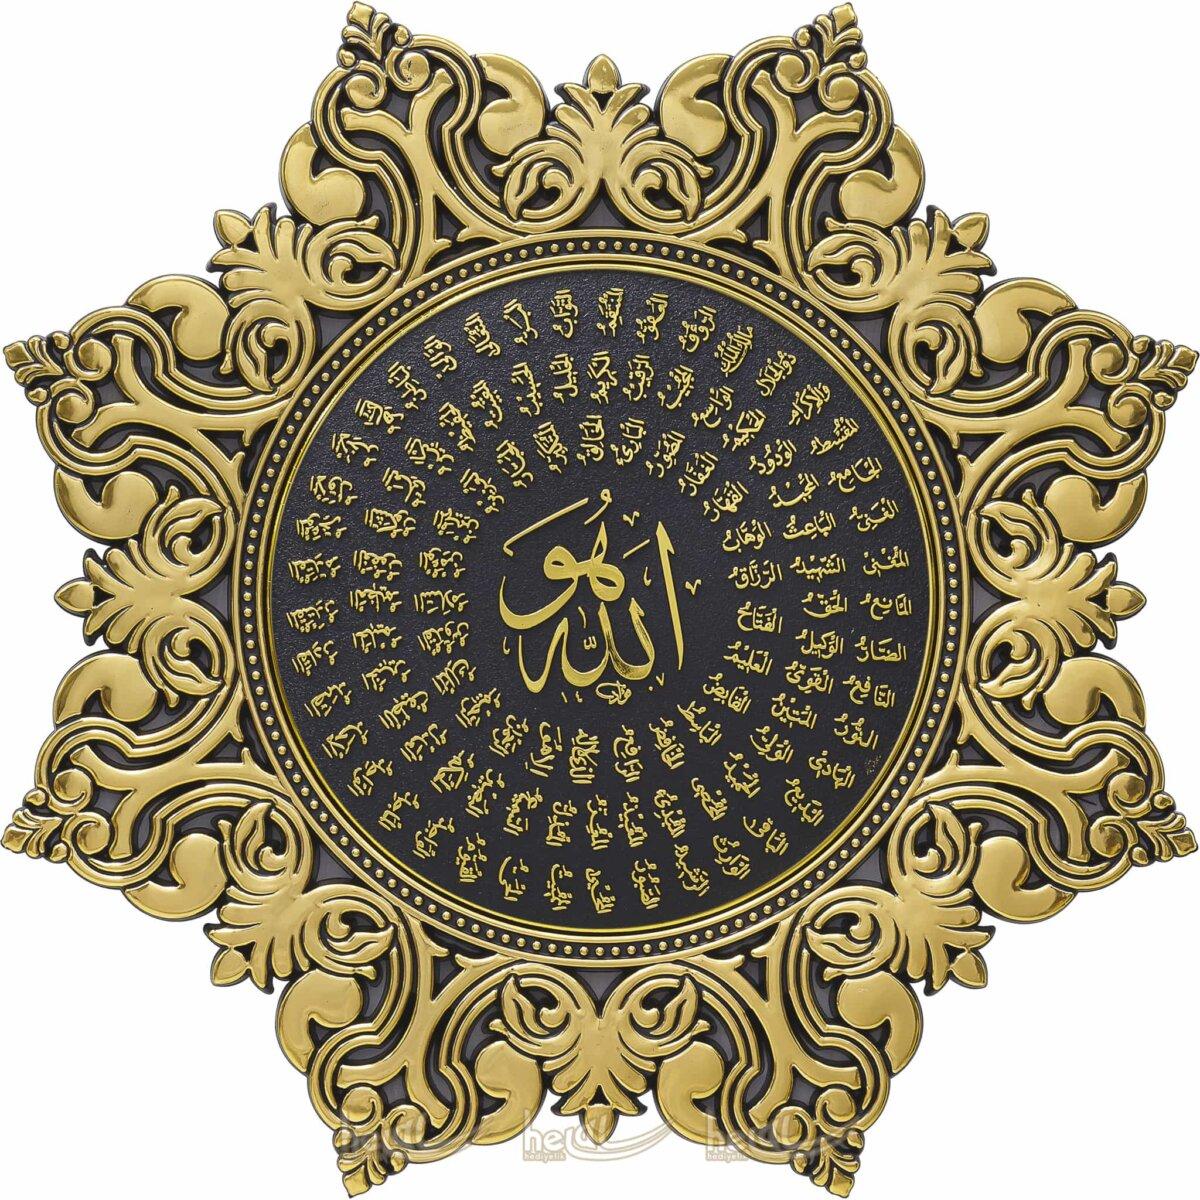 38cm 8 Köşeli Yıldız Modern Osmanlı Tasarımı Esmaül Hüsna Duvar Panosu 38cm 8 Köşeli Yıldız Modern Osmanlı Tasarımı Esmaül Hüsna Duvar Panosu